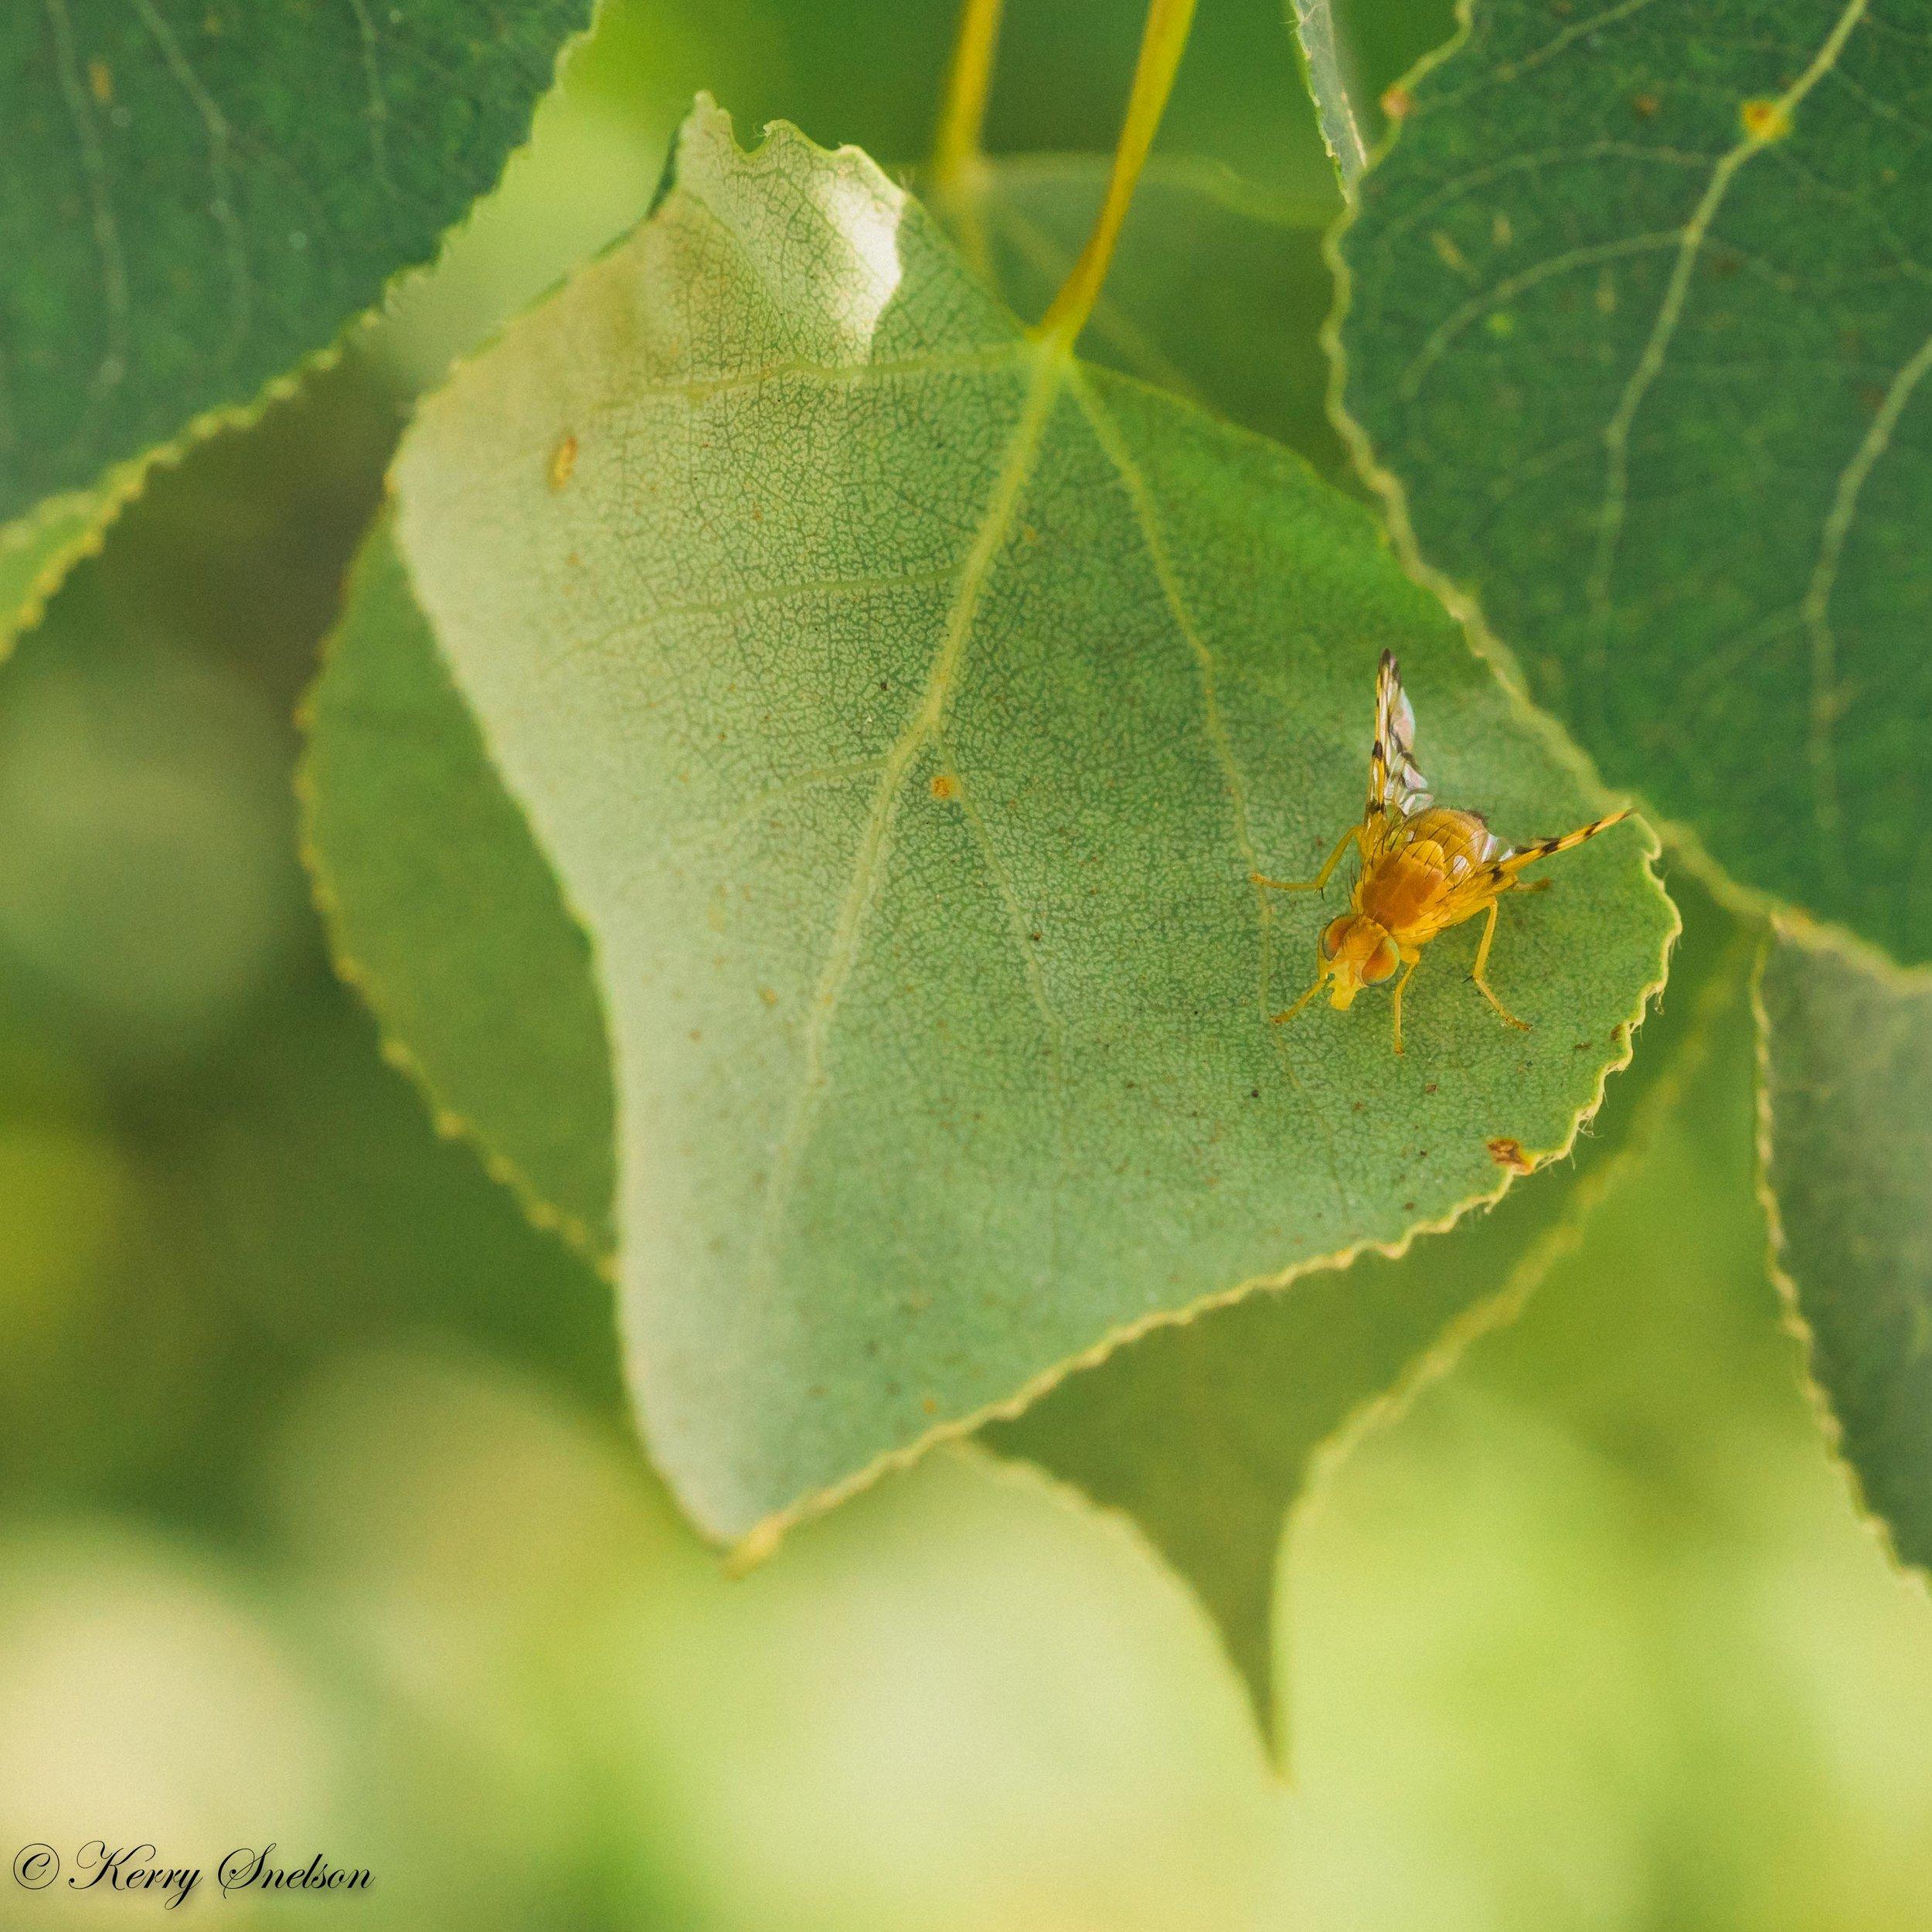 Rose Hip Fly on Leaf